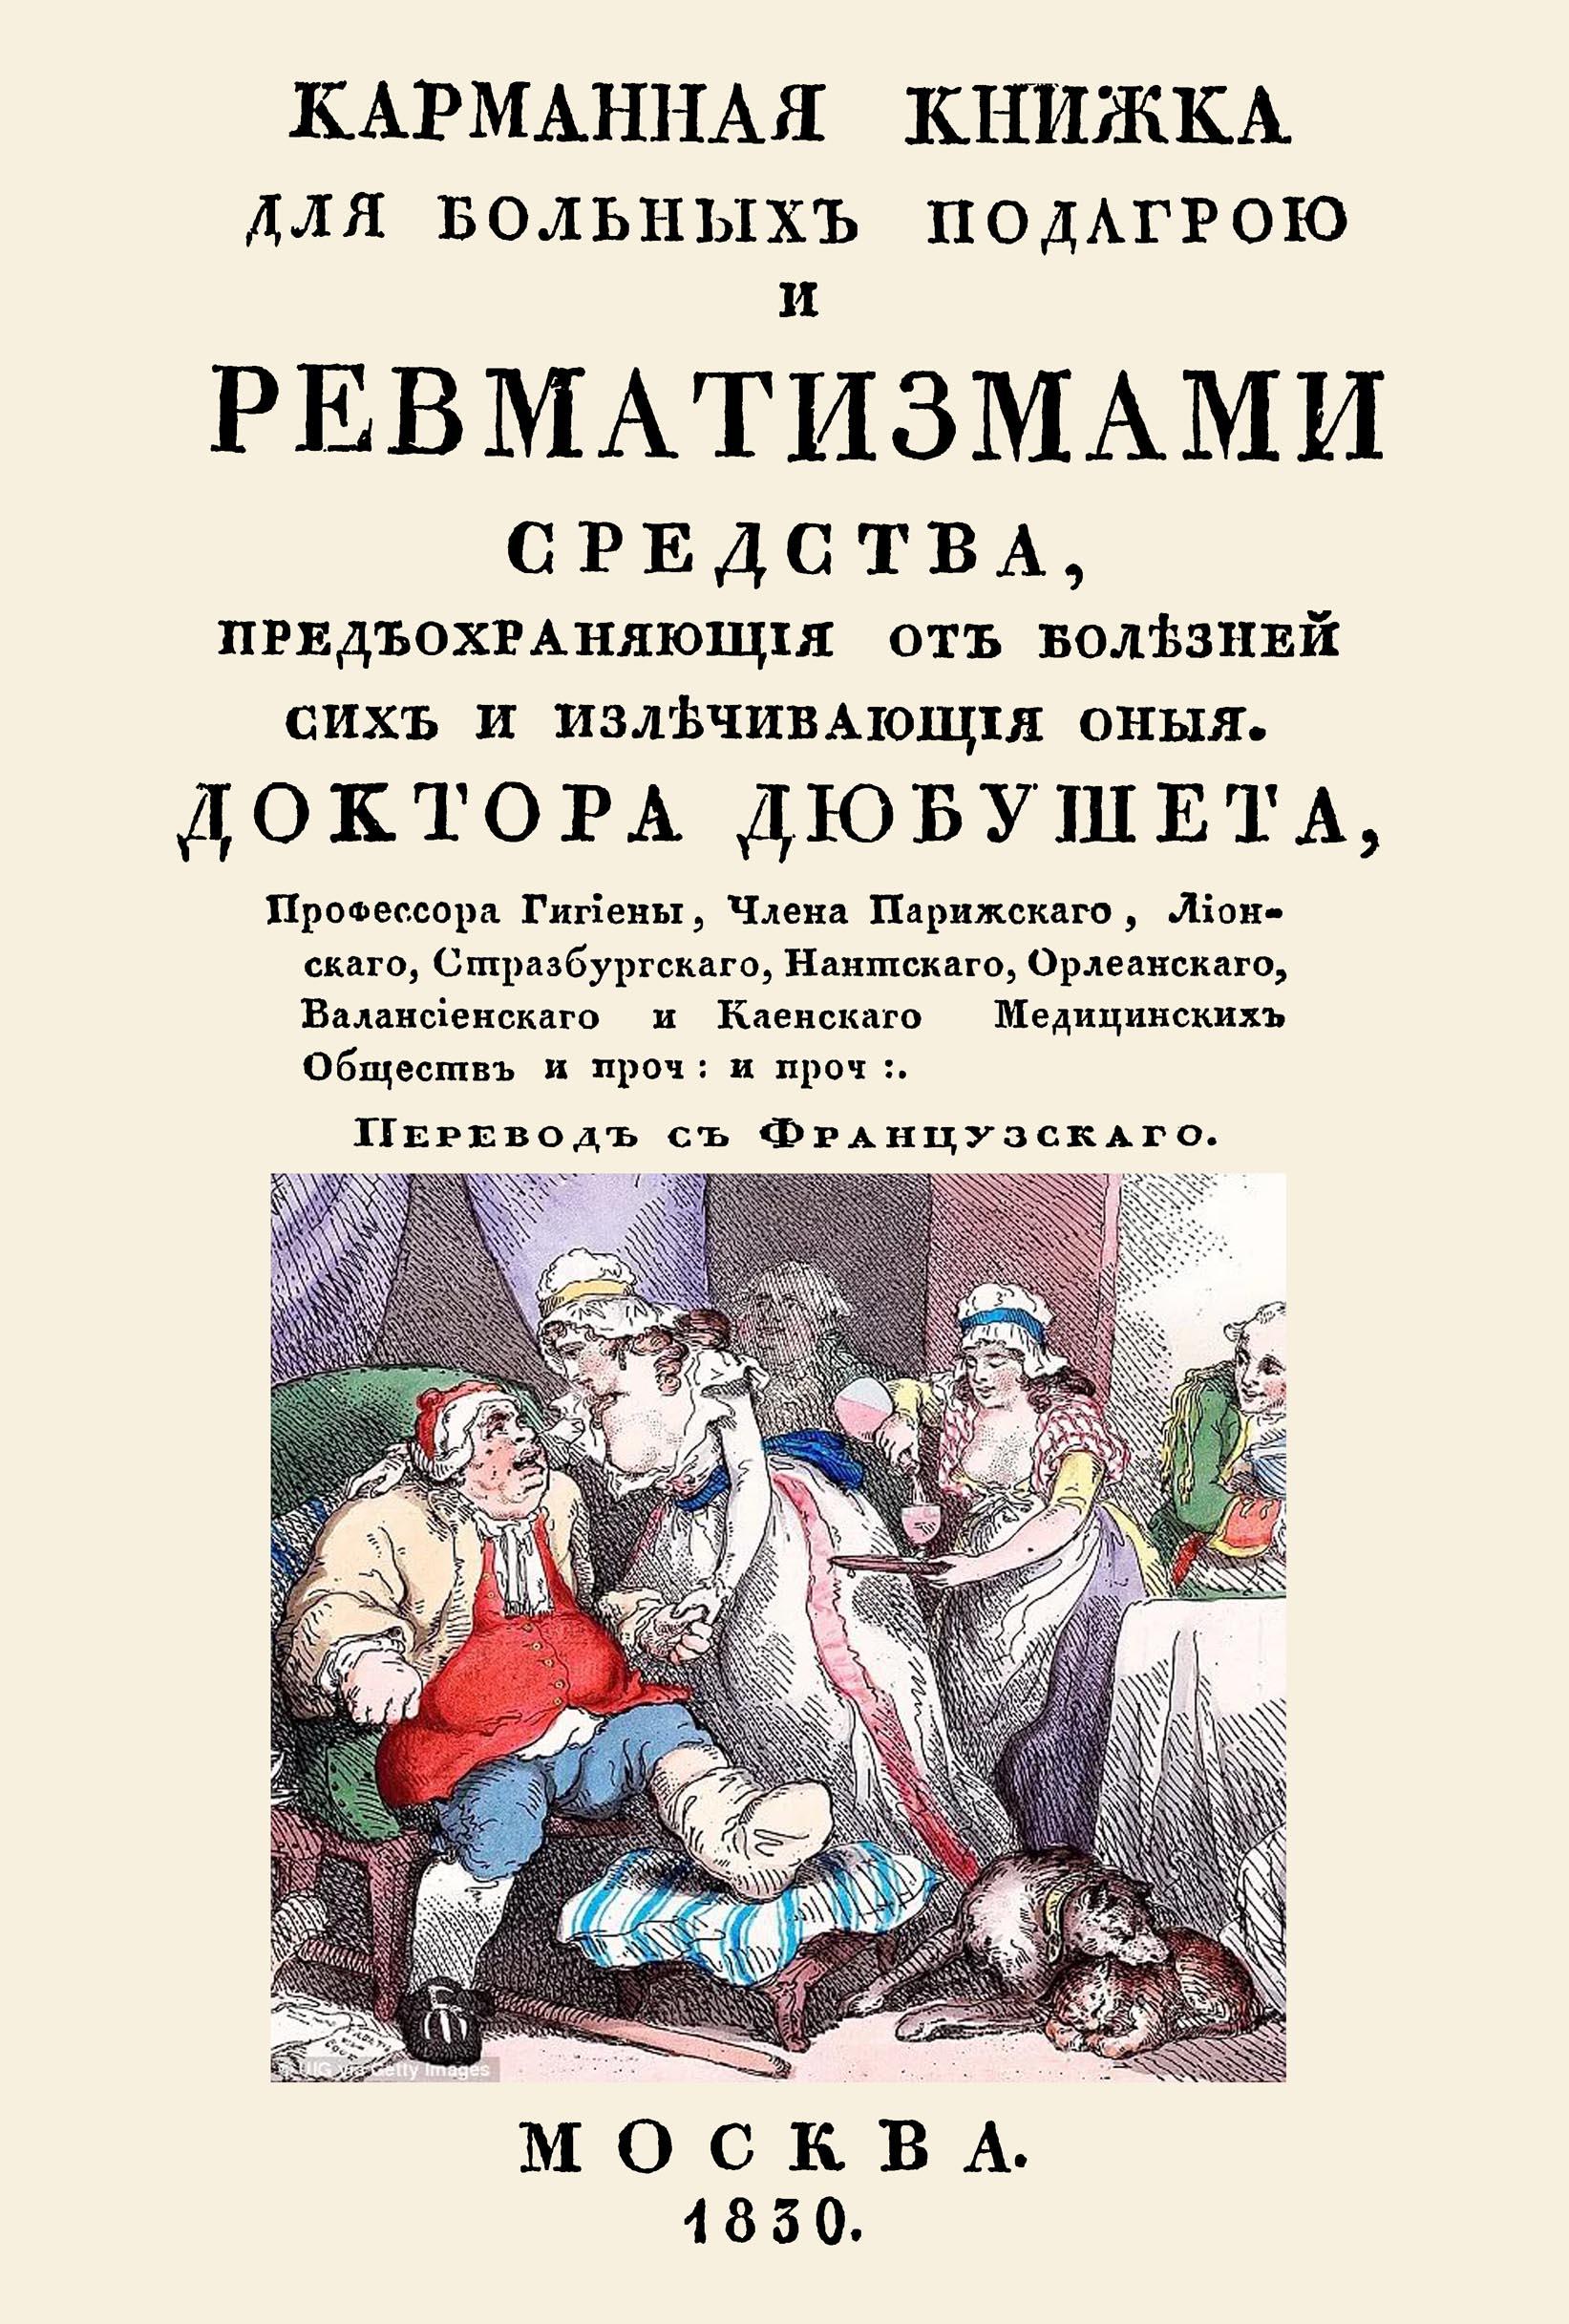 Дюбуше Карманная книжка для больных подагрой и ревматизмами. Средства, предохраняющие от болезней сих и излечивающие оные